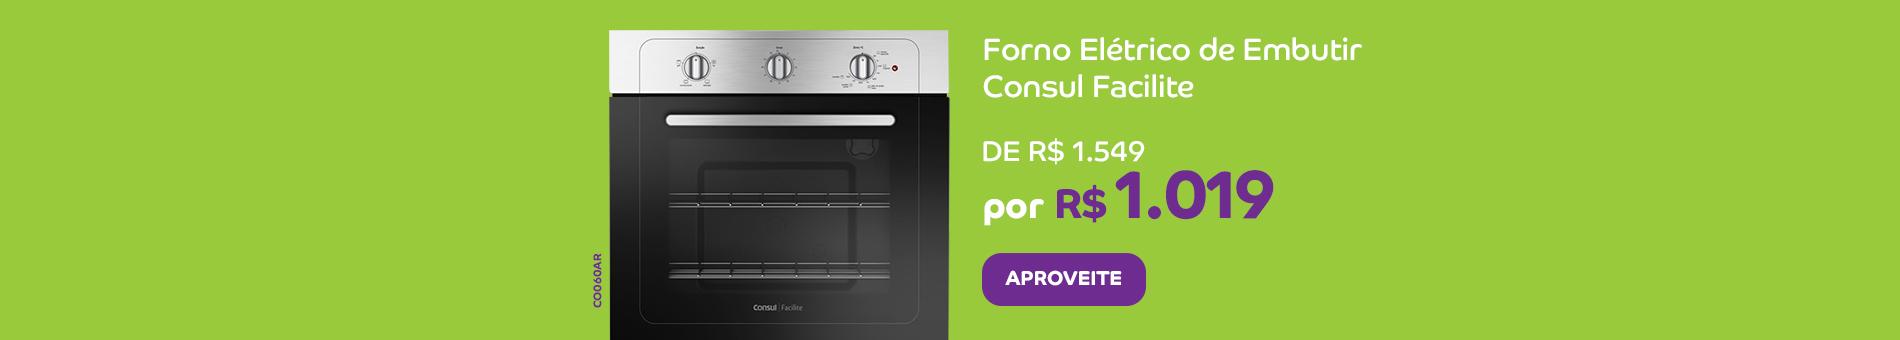 Promoção Interna - 433 - Sessaodeofertas_CO060AR_home_4052016 - CO060AR - 2